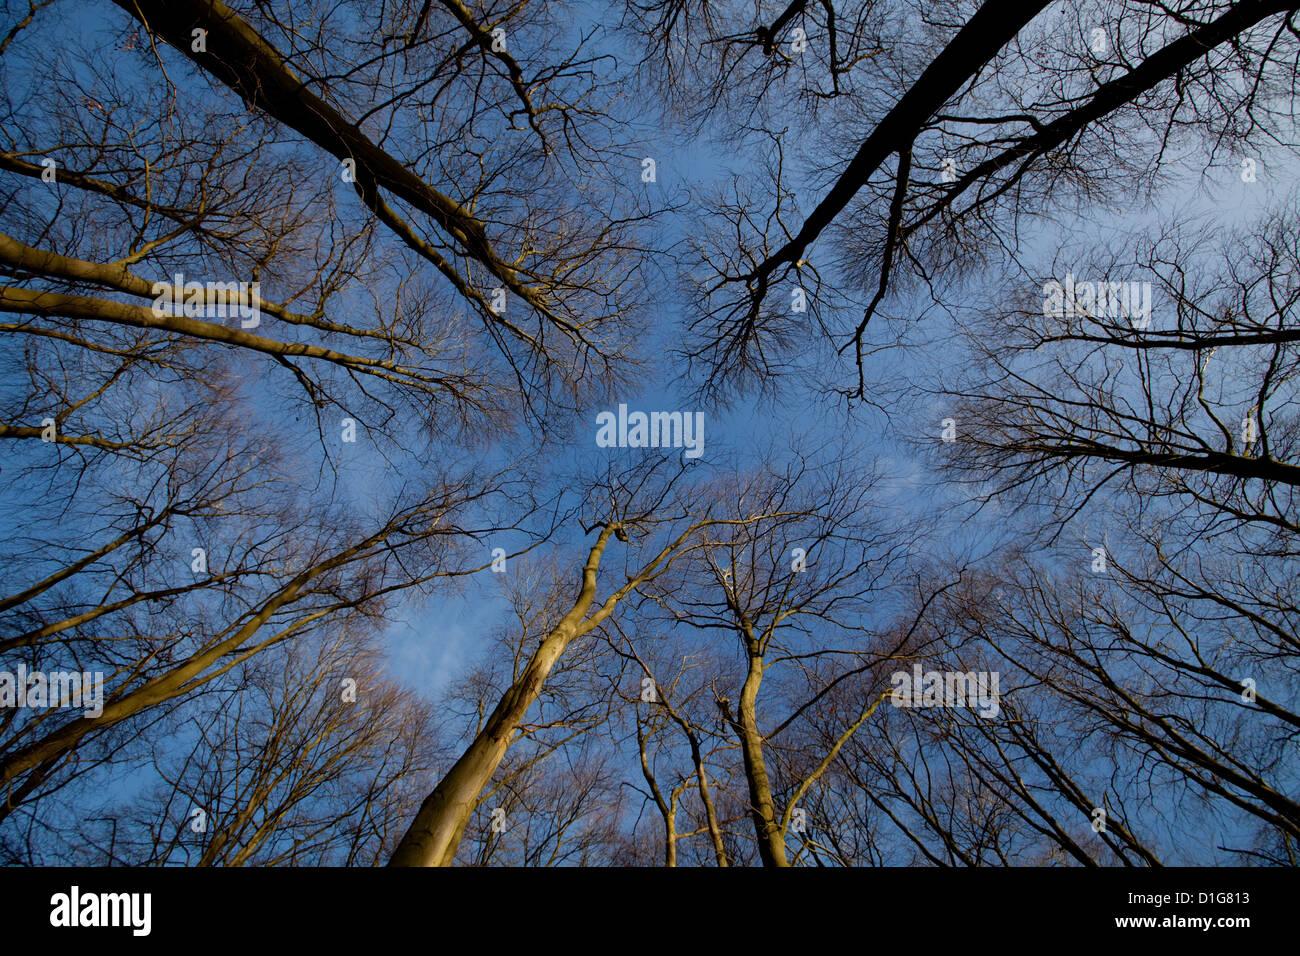 Gestaltung der blauen Winterhimmel Baumkronen Stockbild